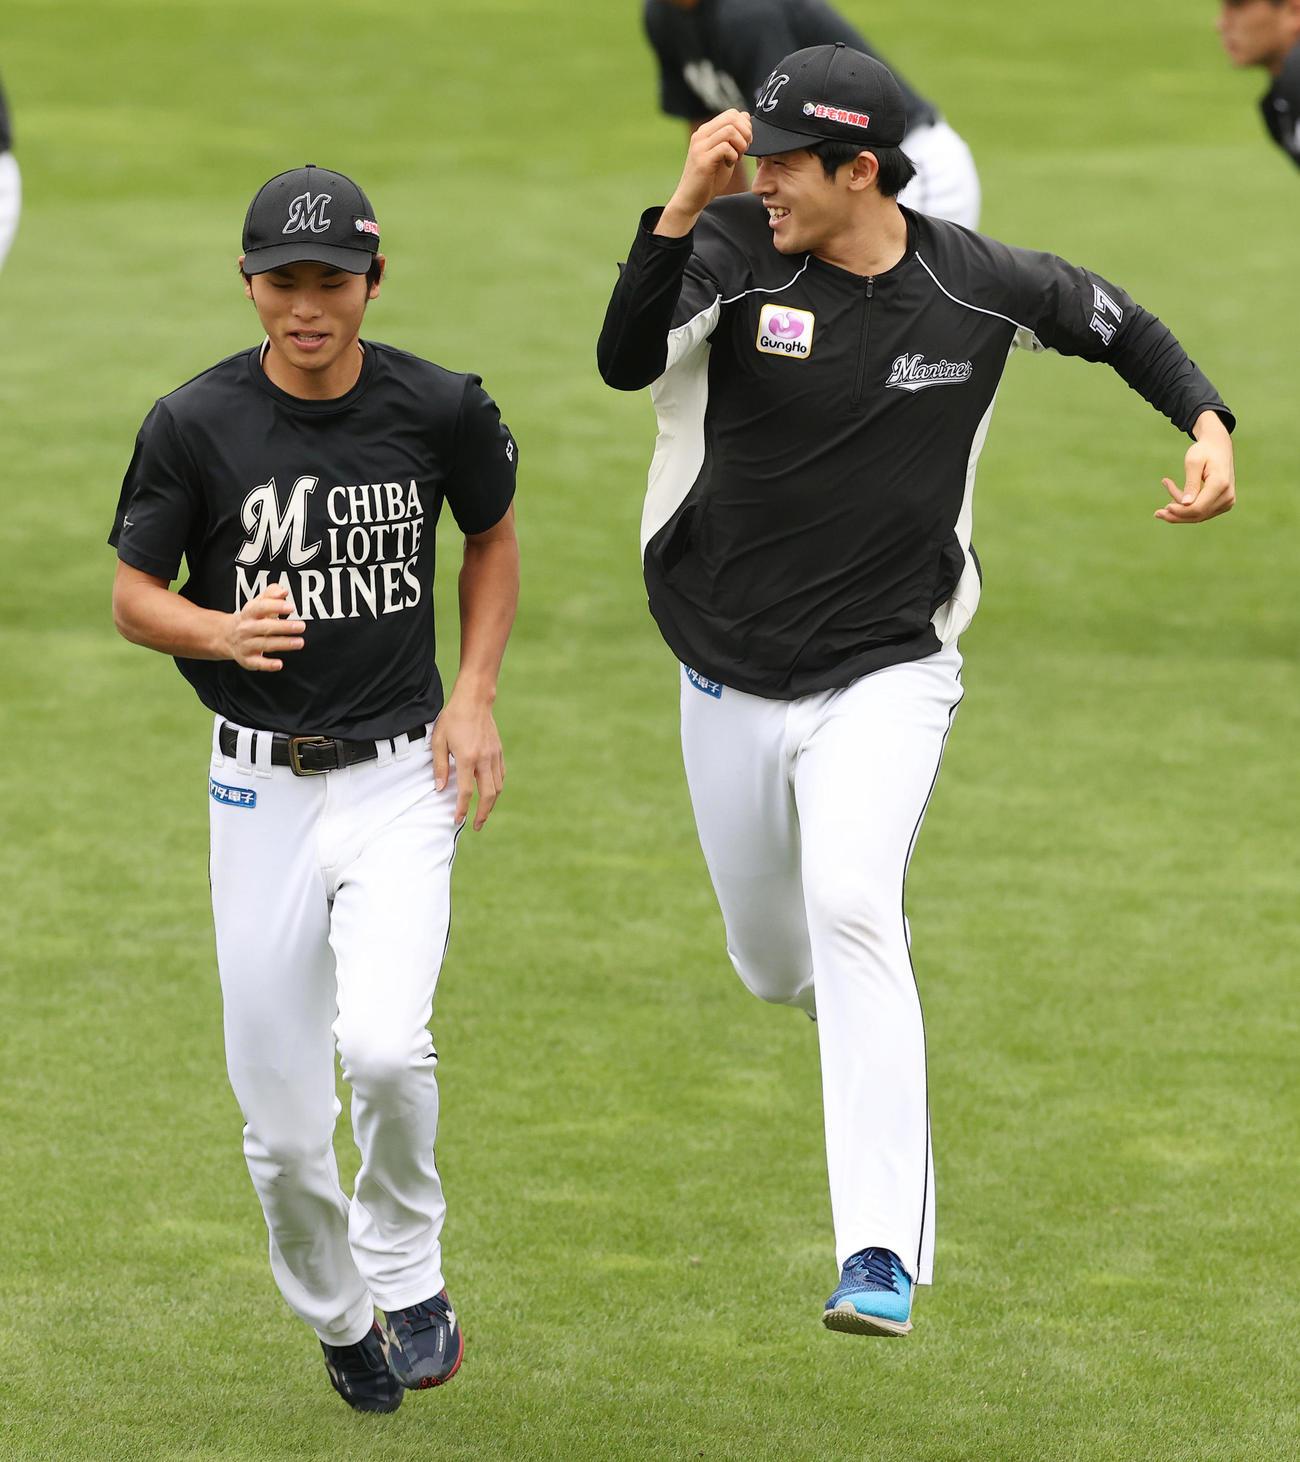 楽天対ロッテ ウオーミングアップの短距離走でロッテ佐々木朗(右)は俊足の和田より速く走り跳びはねて喜ぶ(撮影・垰建太)